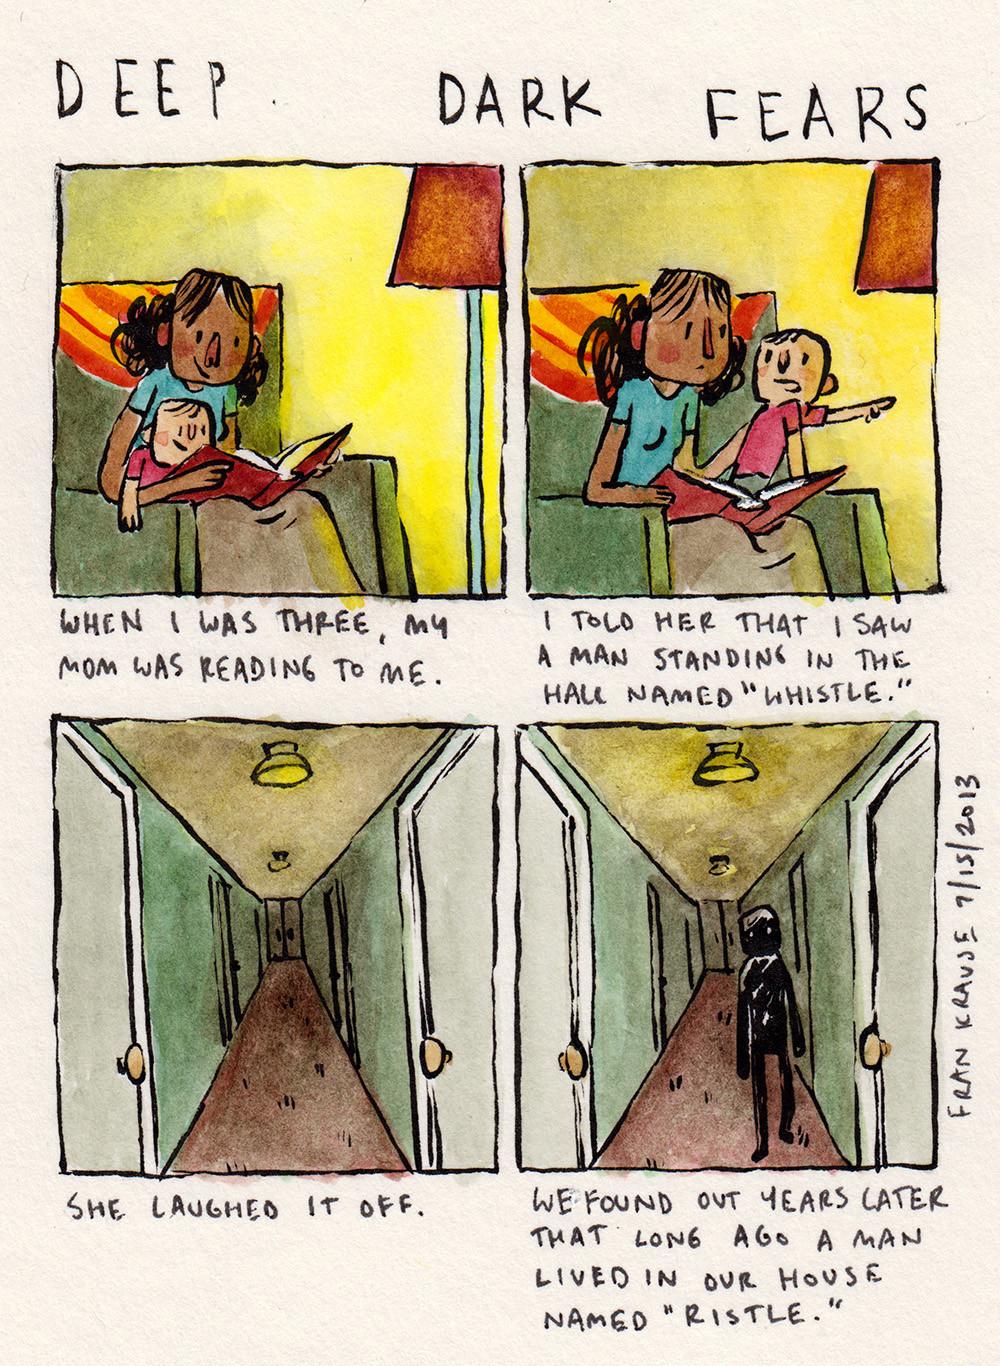 10-deep-dark-fears